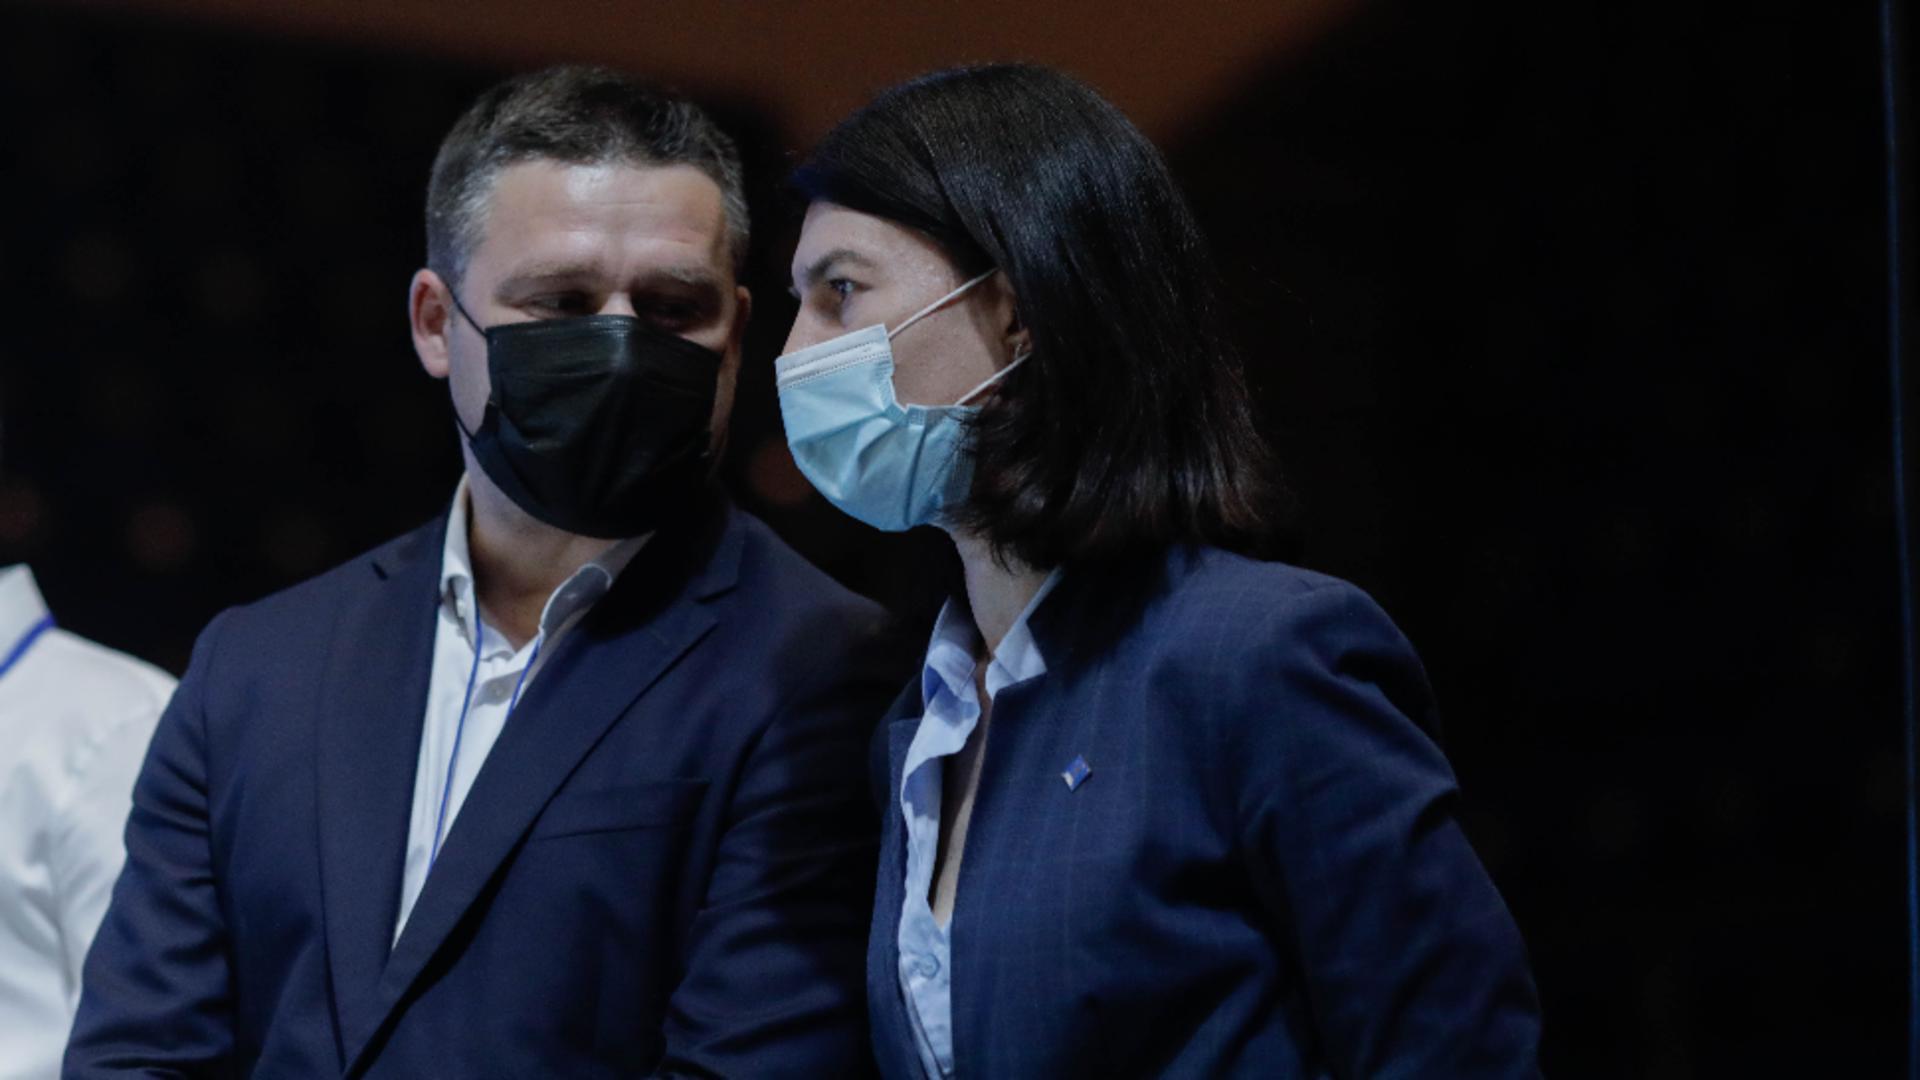 Violeta Alexandru și Ciprian Ciucu / Foto: Inquam Photos / George Calin